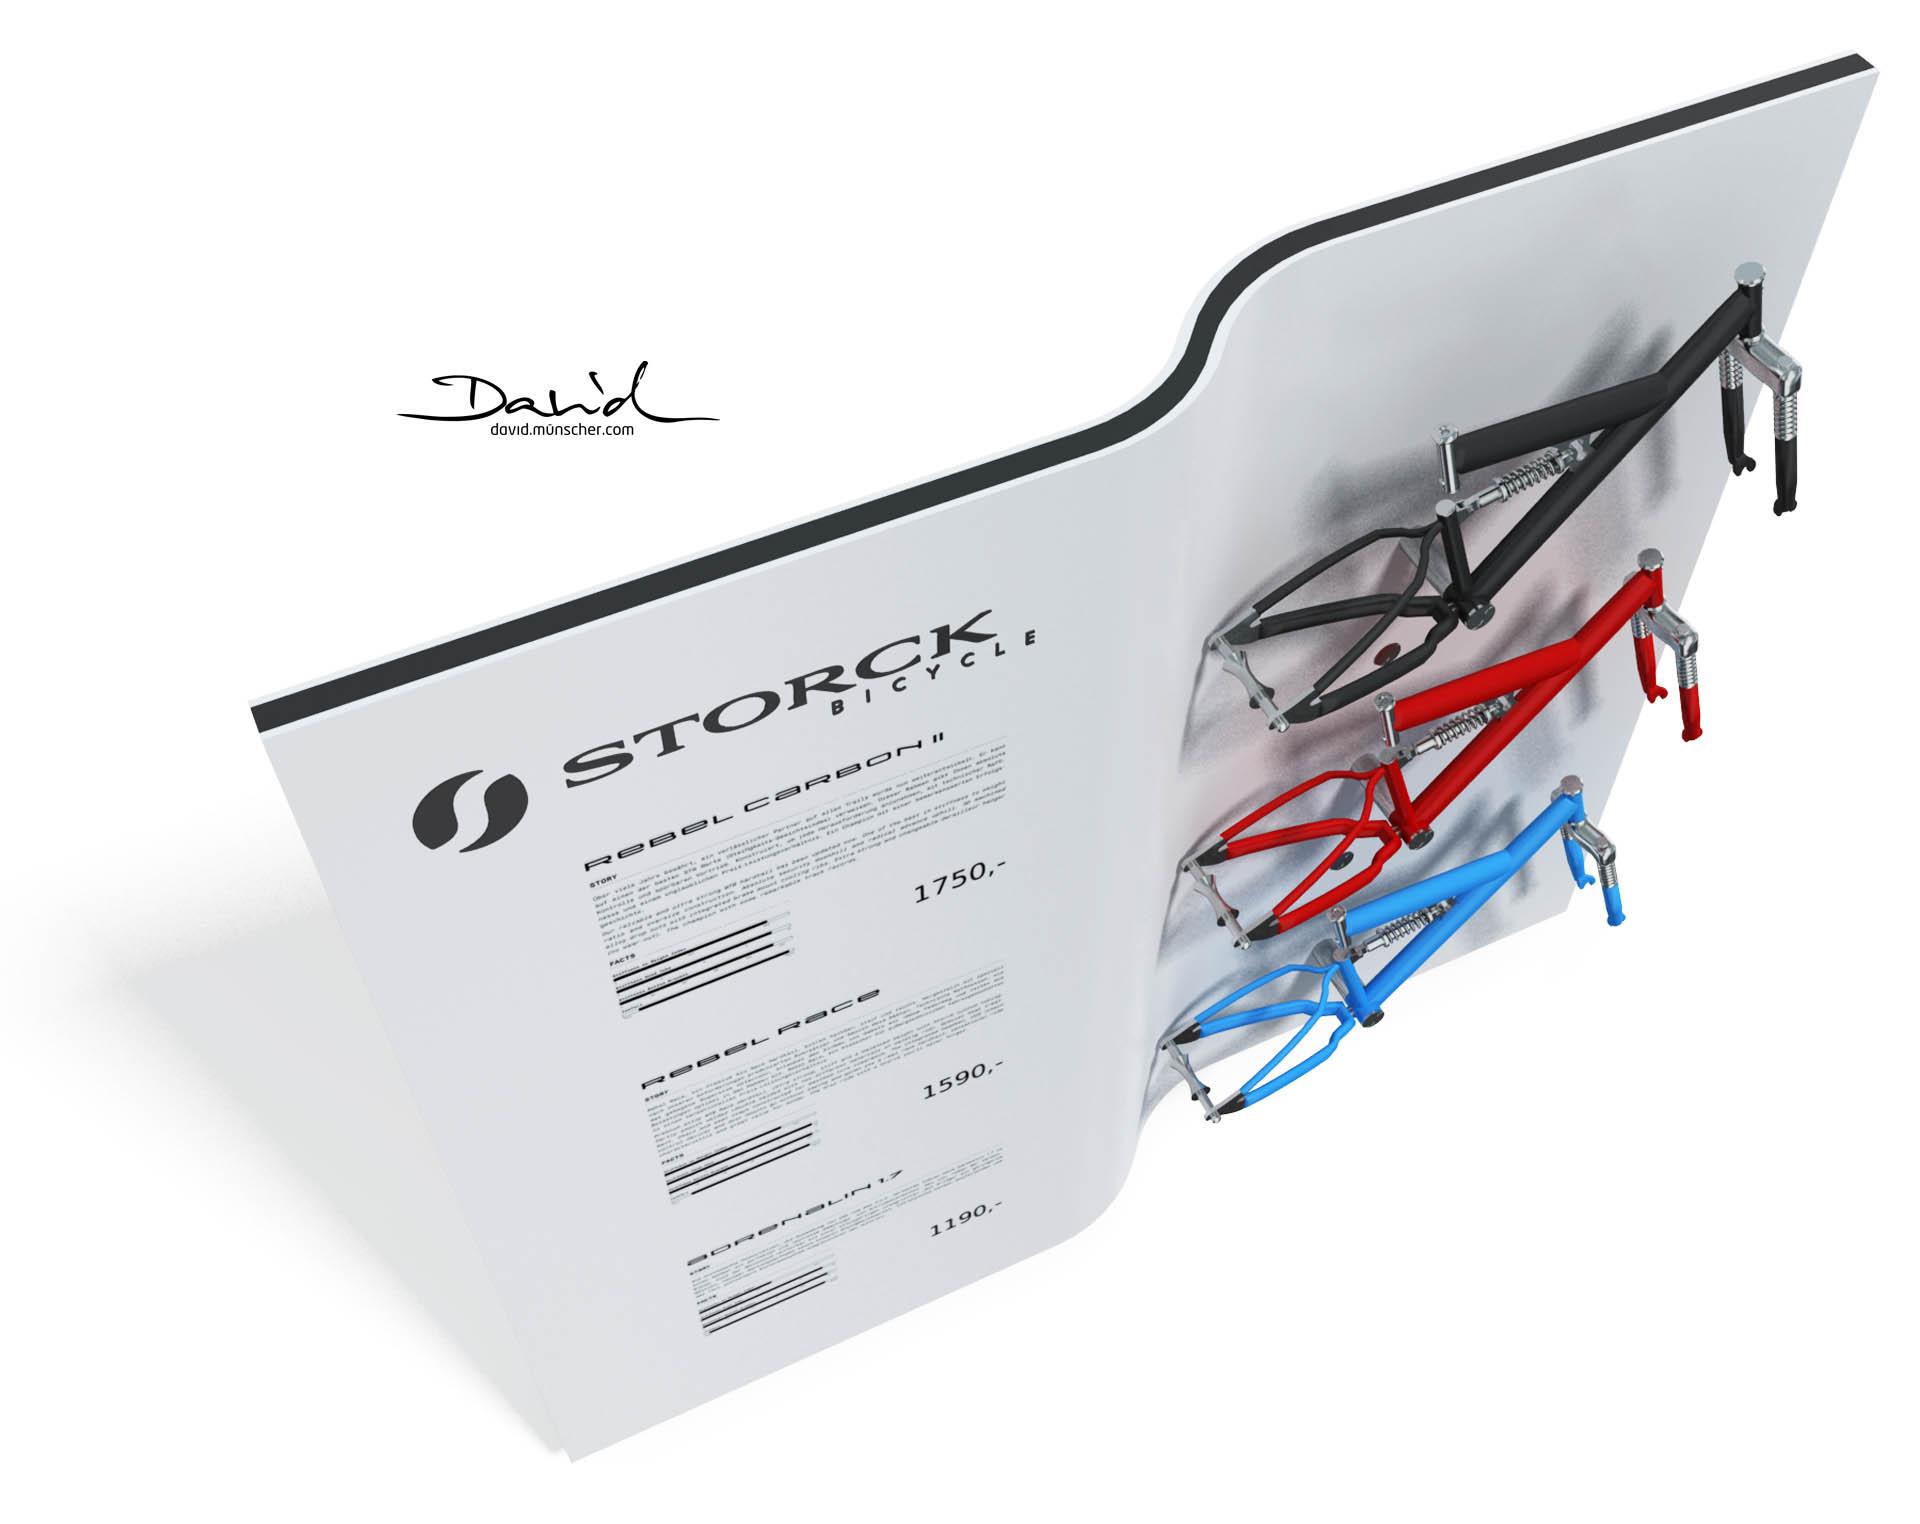 Storck | POS Display